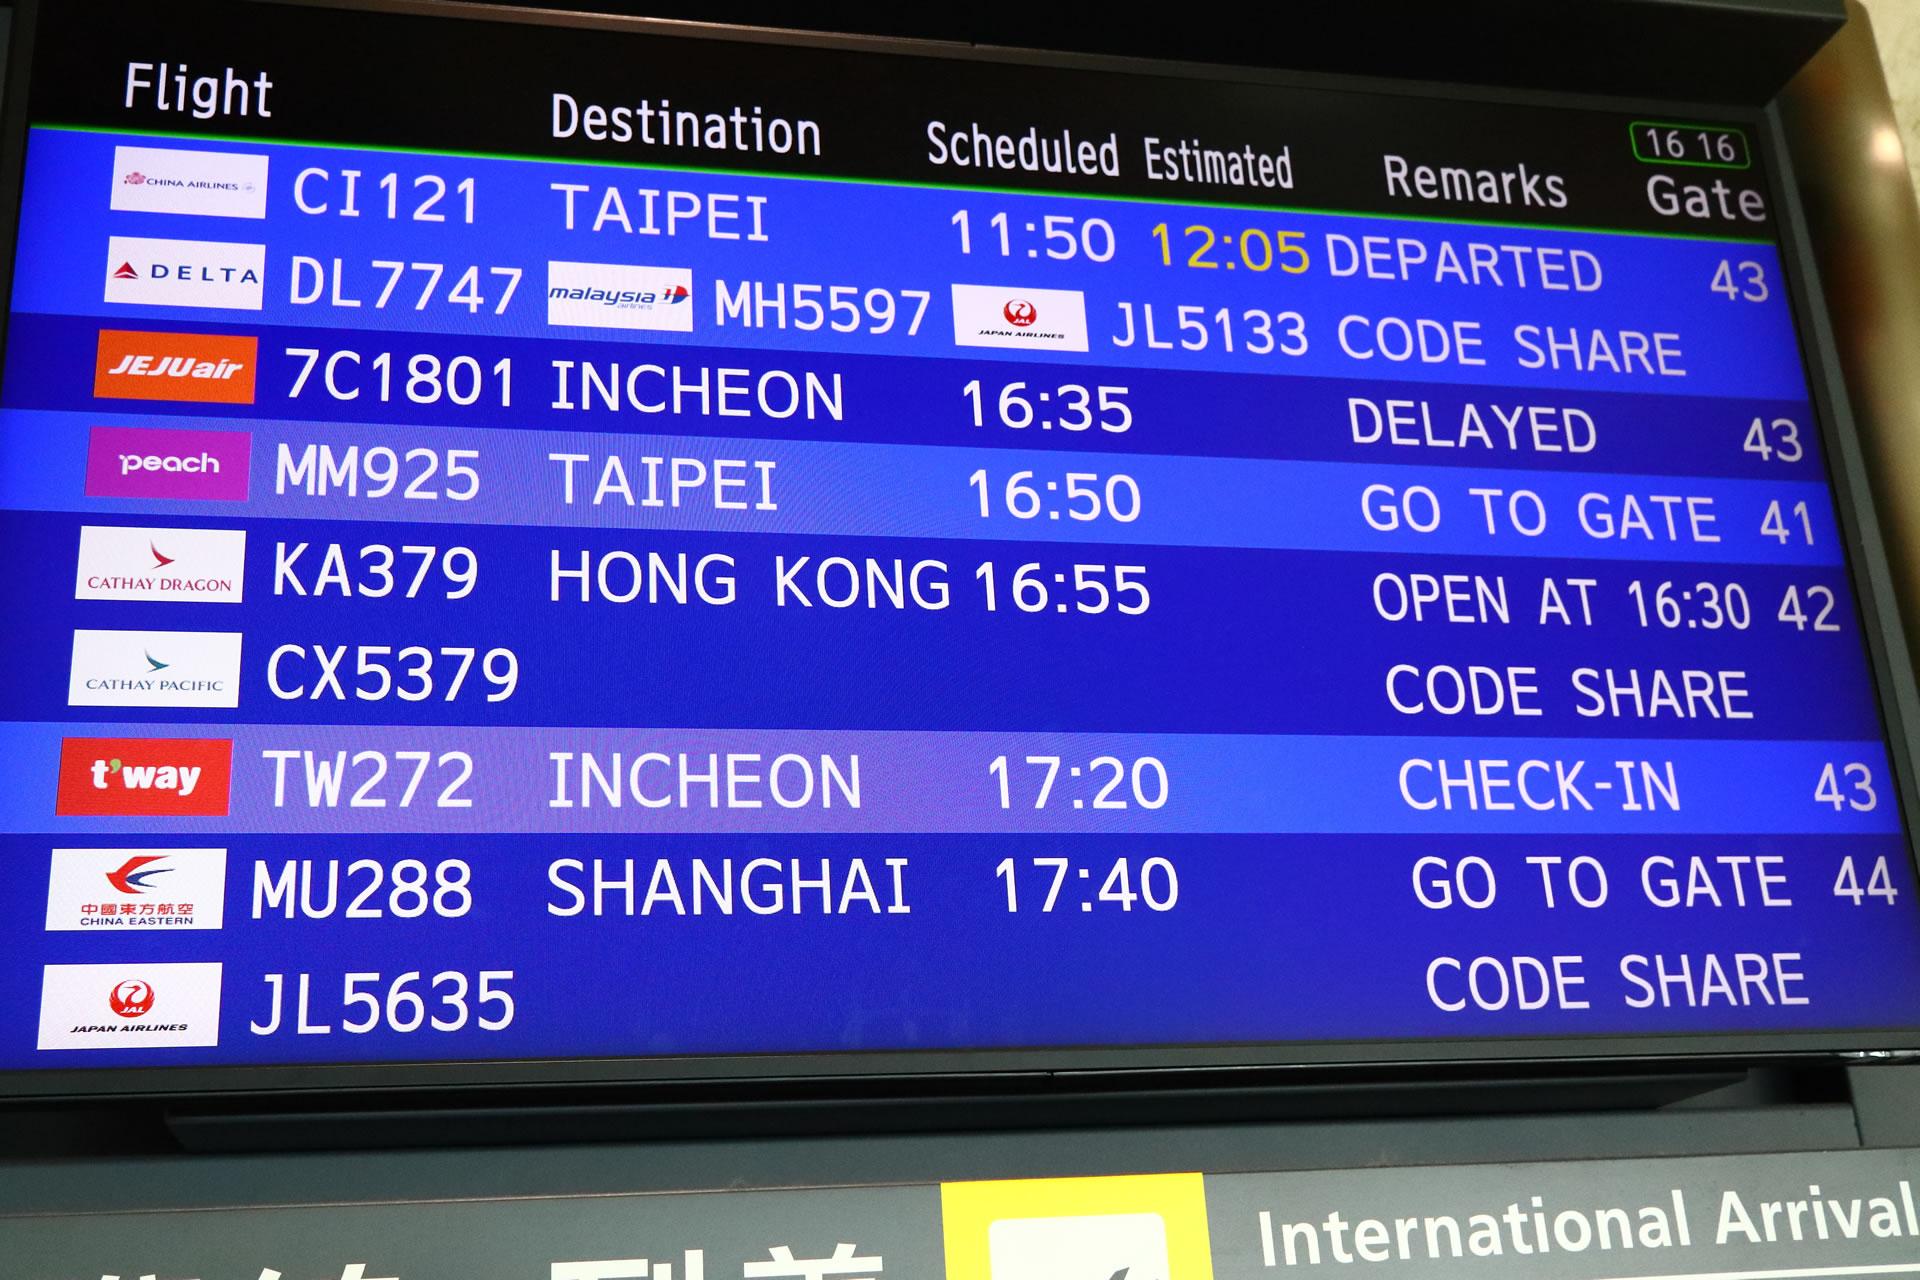 キャセイドラゴン航空(香港へ)2016年11月21日からブランド名が変更